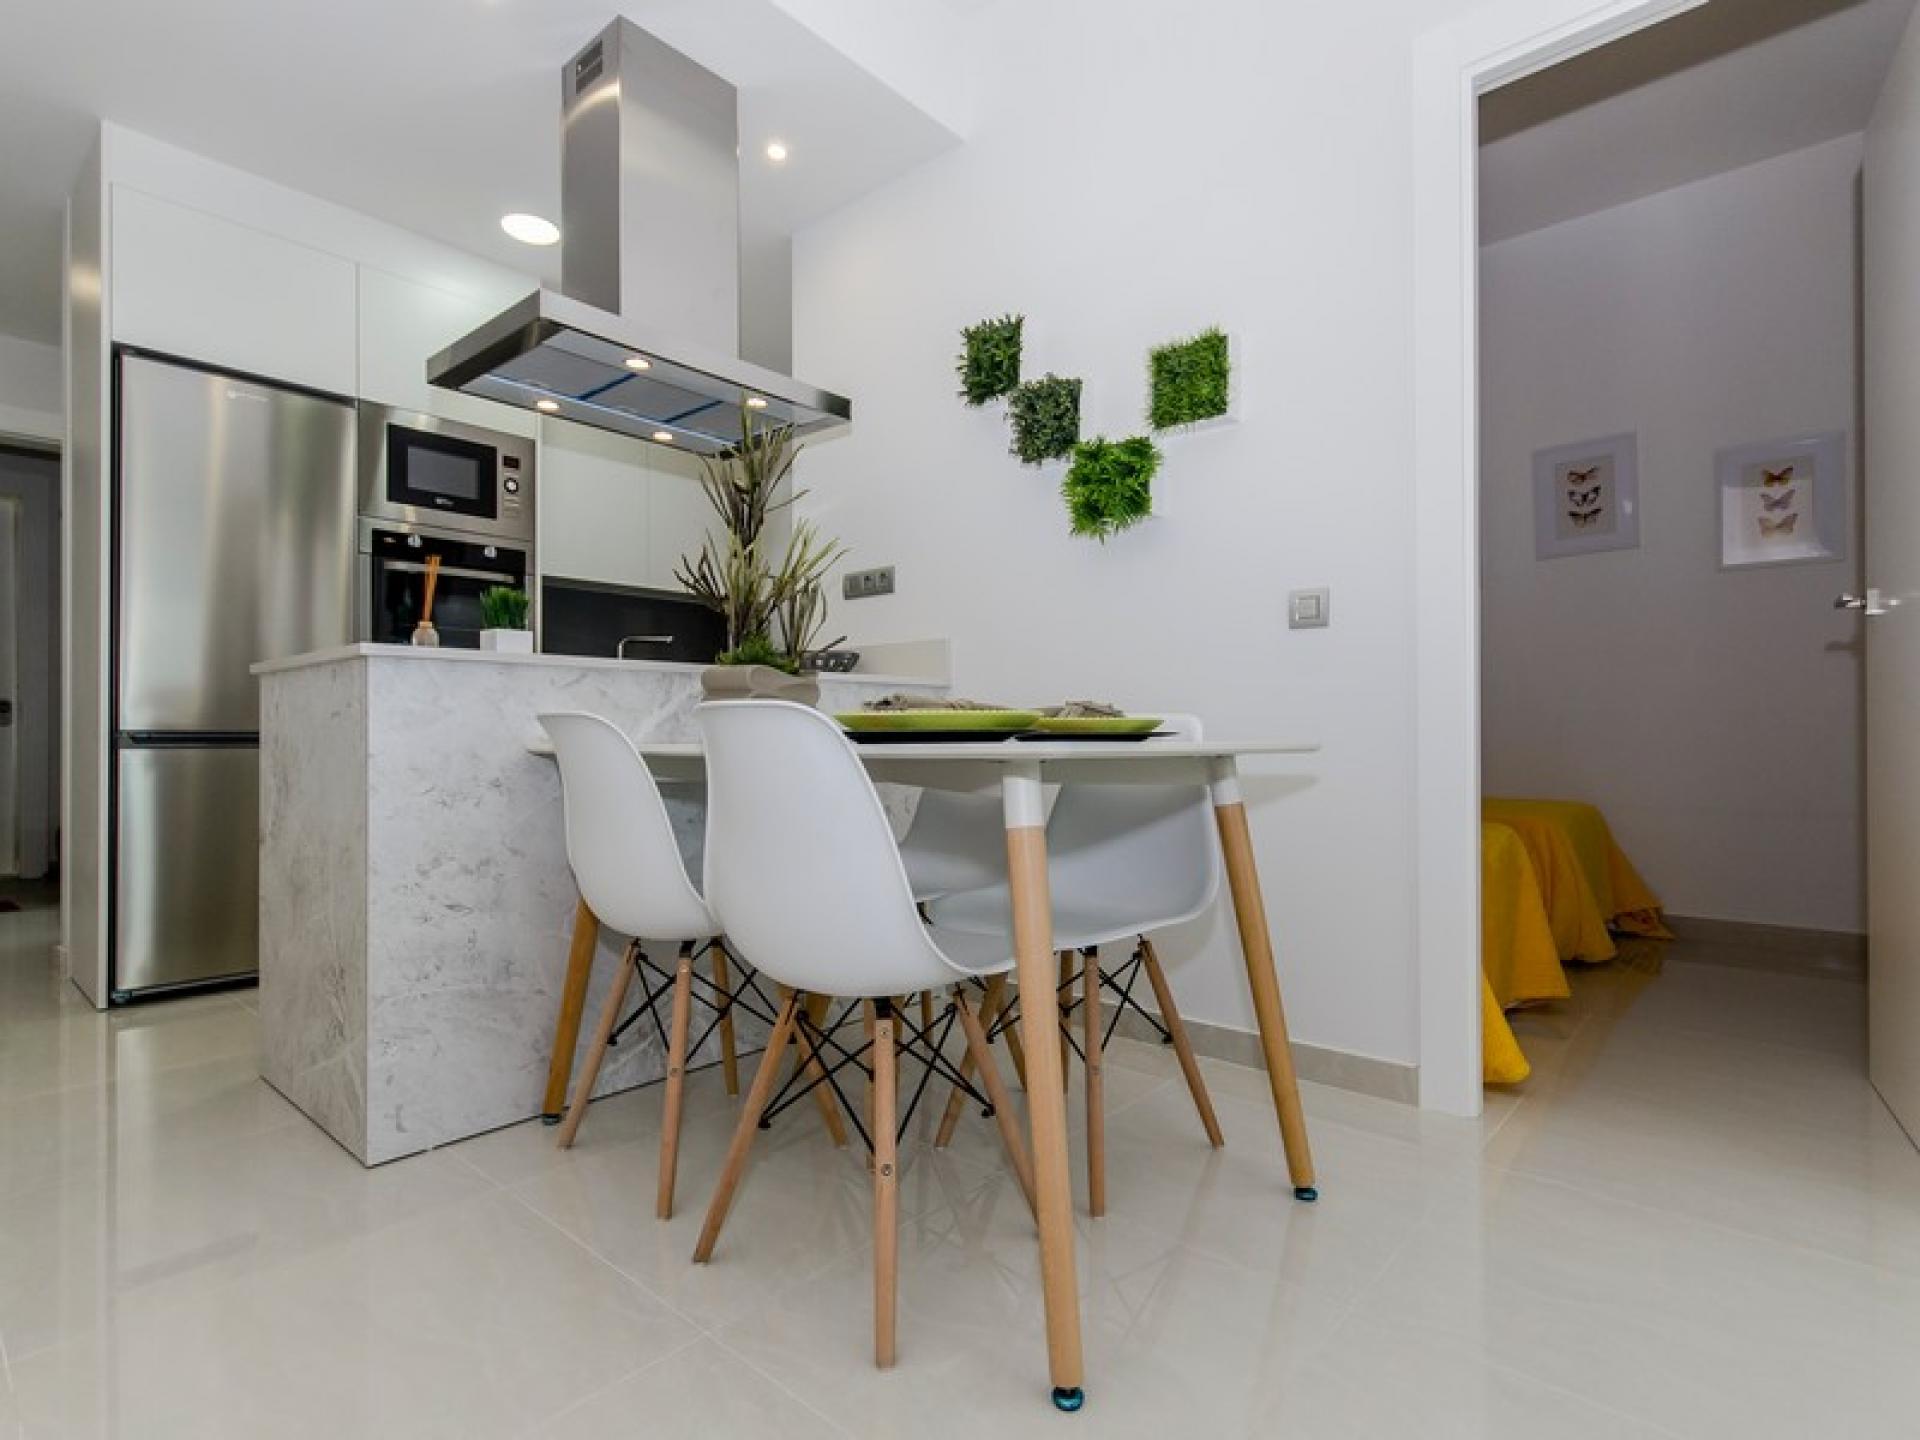 Las Cibeles - Torrevieja (Alicante)